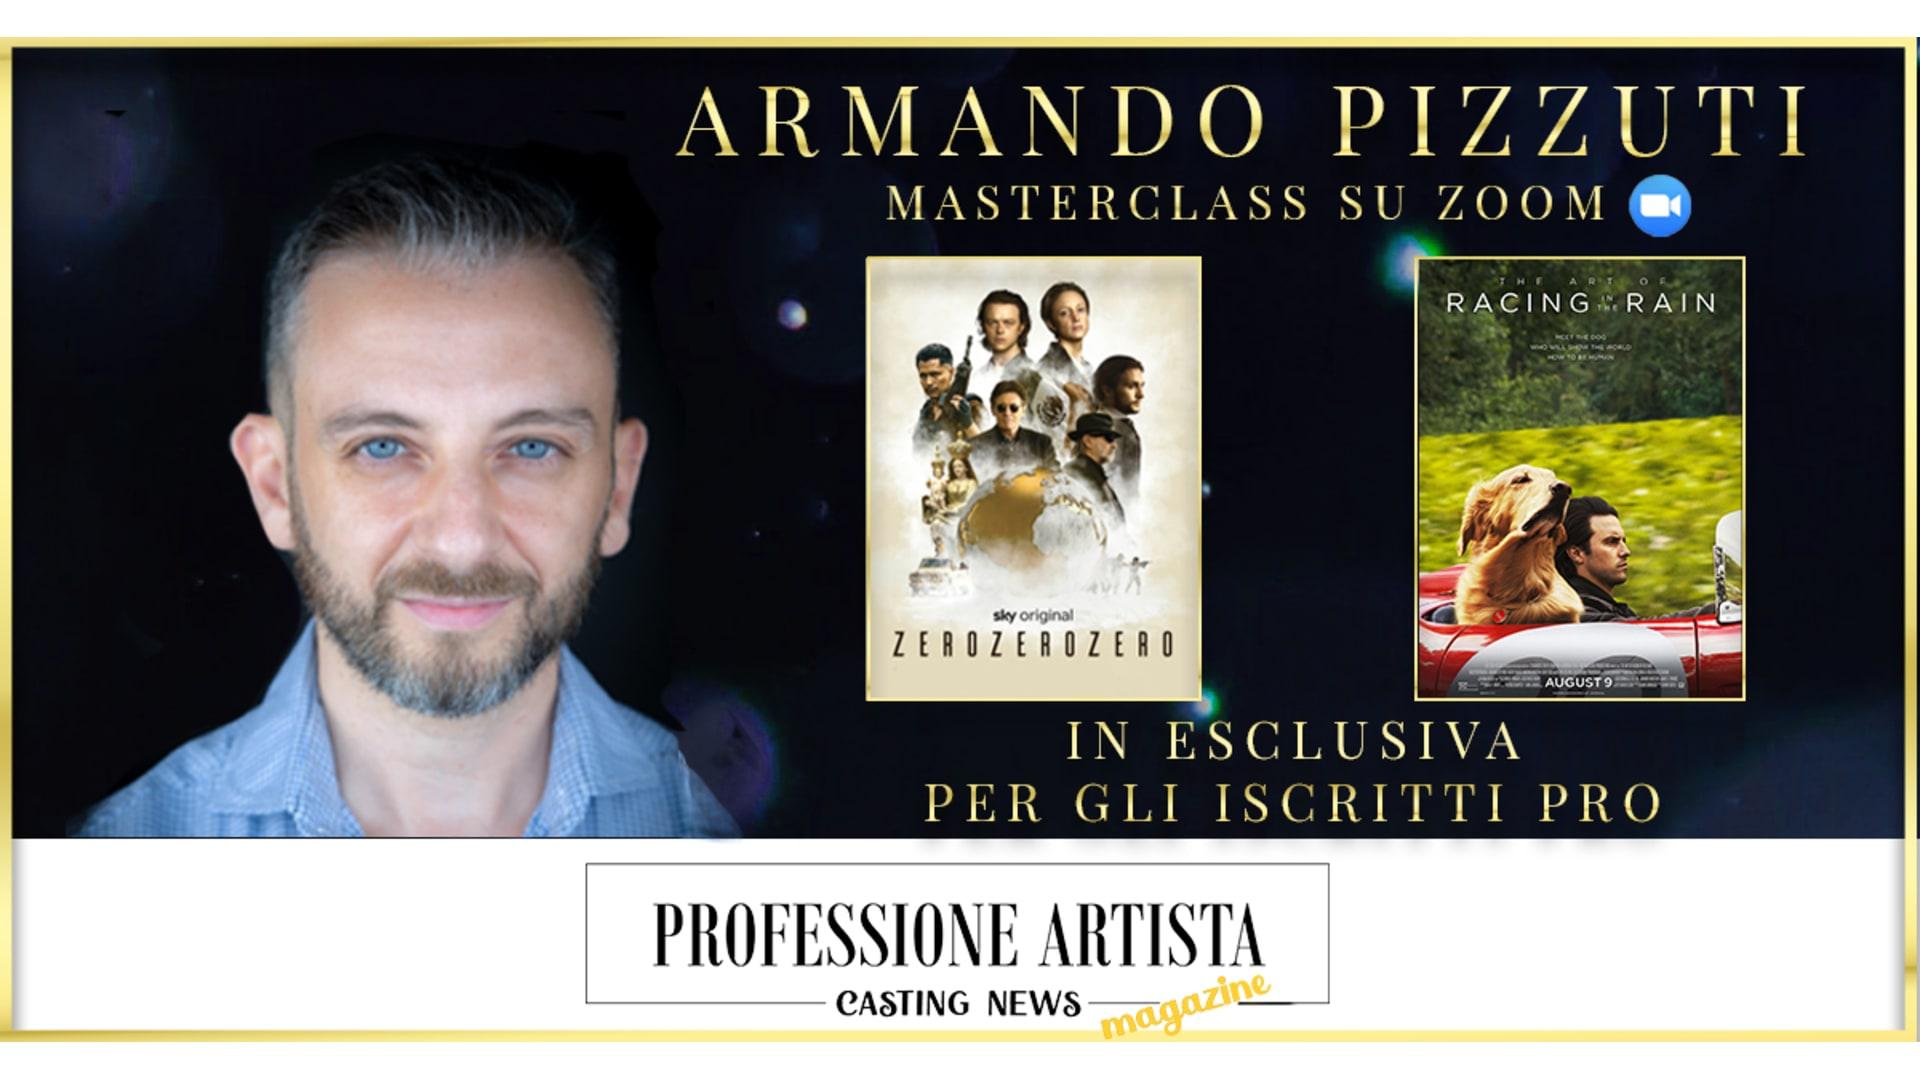 Attori - Armando Pizzuti Dicembre 2020